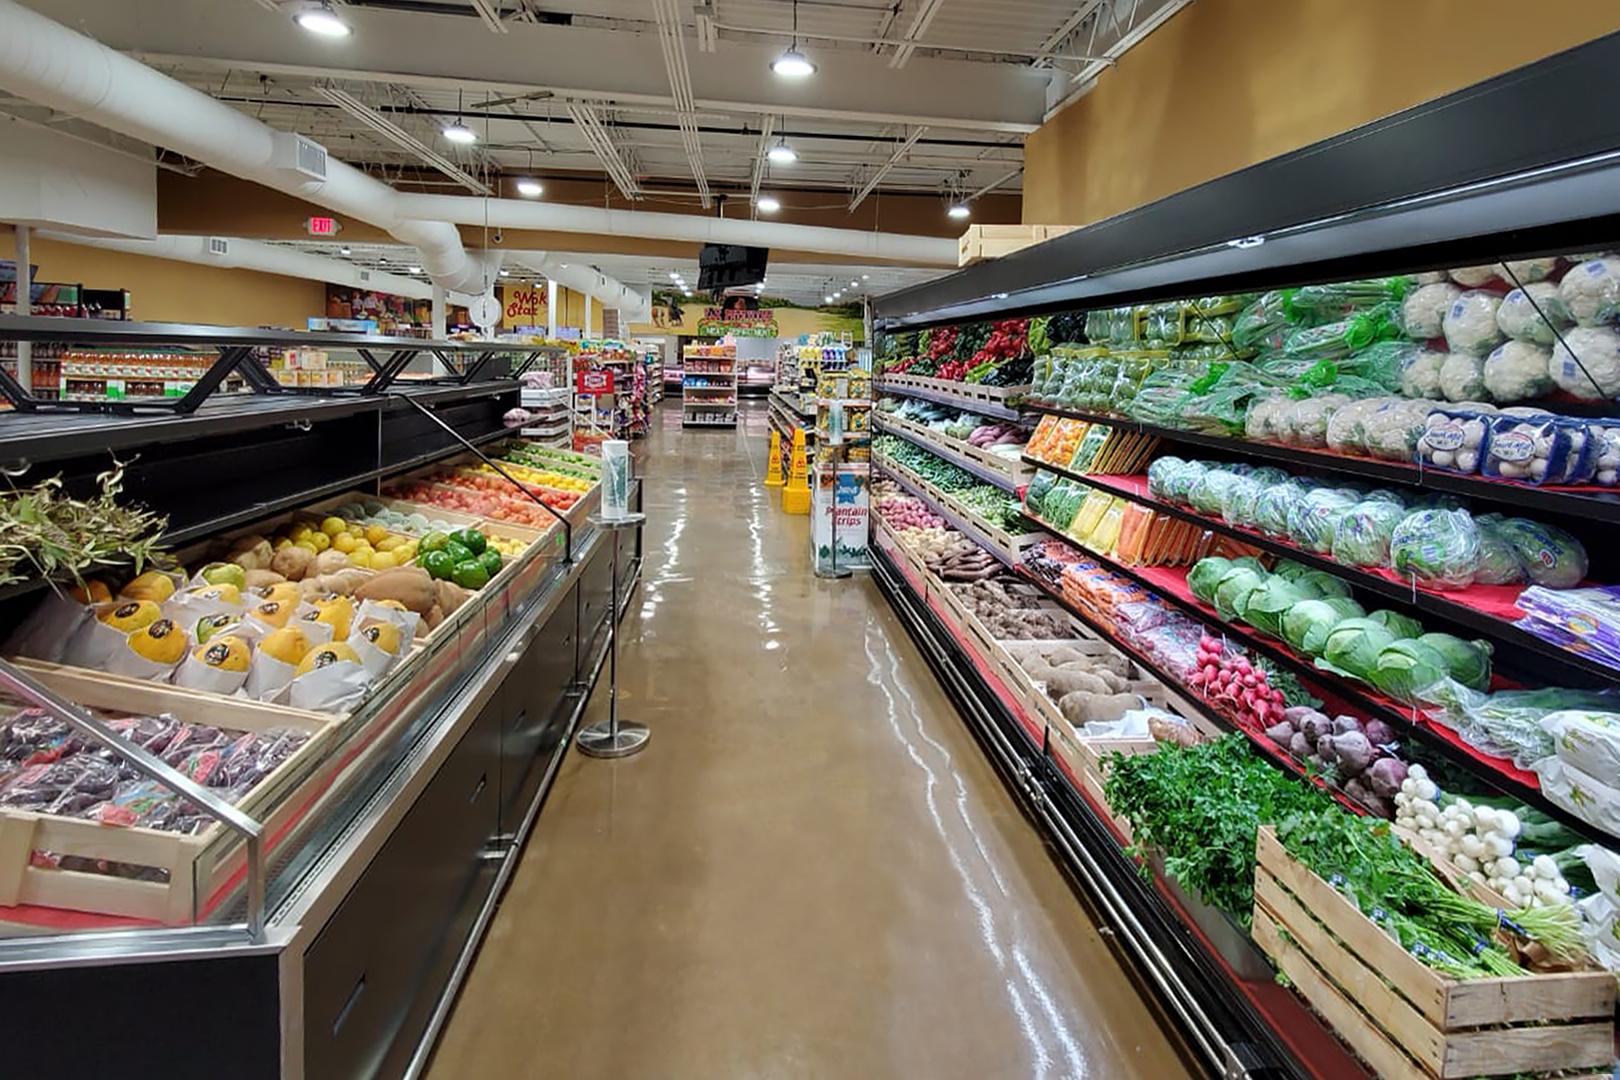 Спеціалізовані вітрини для продажу овочів та фруктів Missouri VF MC 110 VF self 125-DBM, Louisiana FV MV 095 VF О 210-DLM